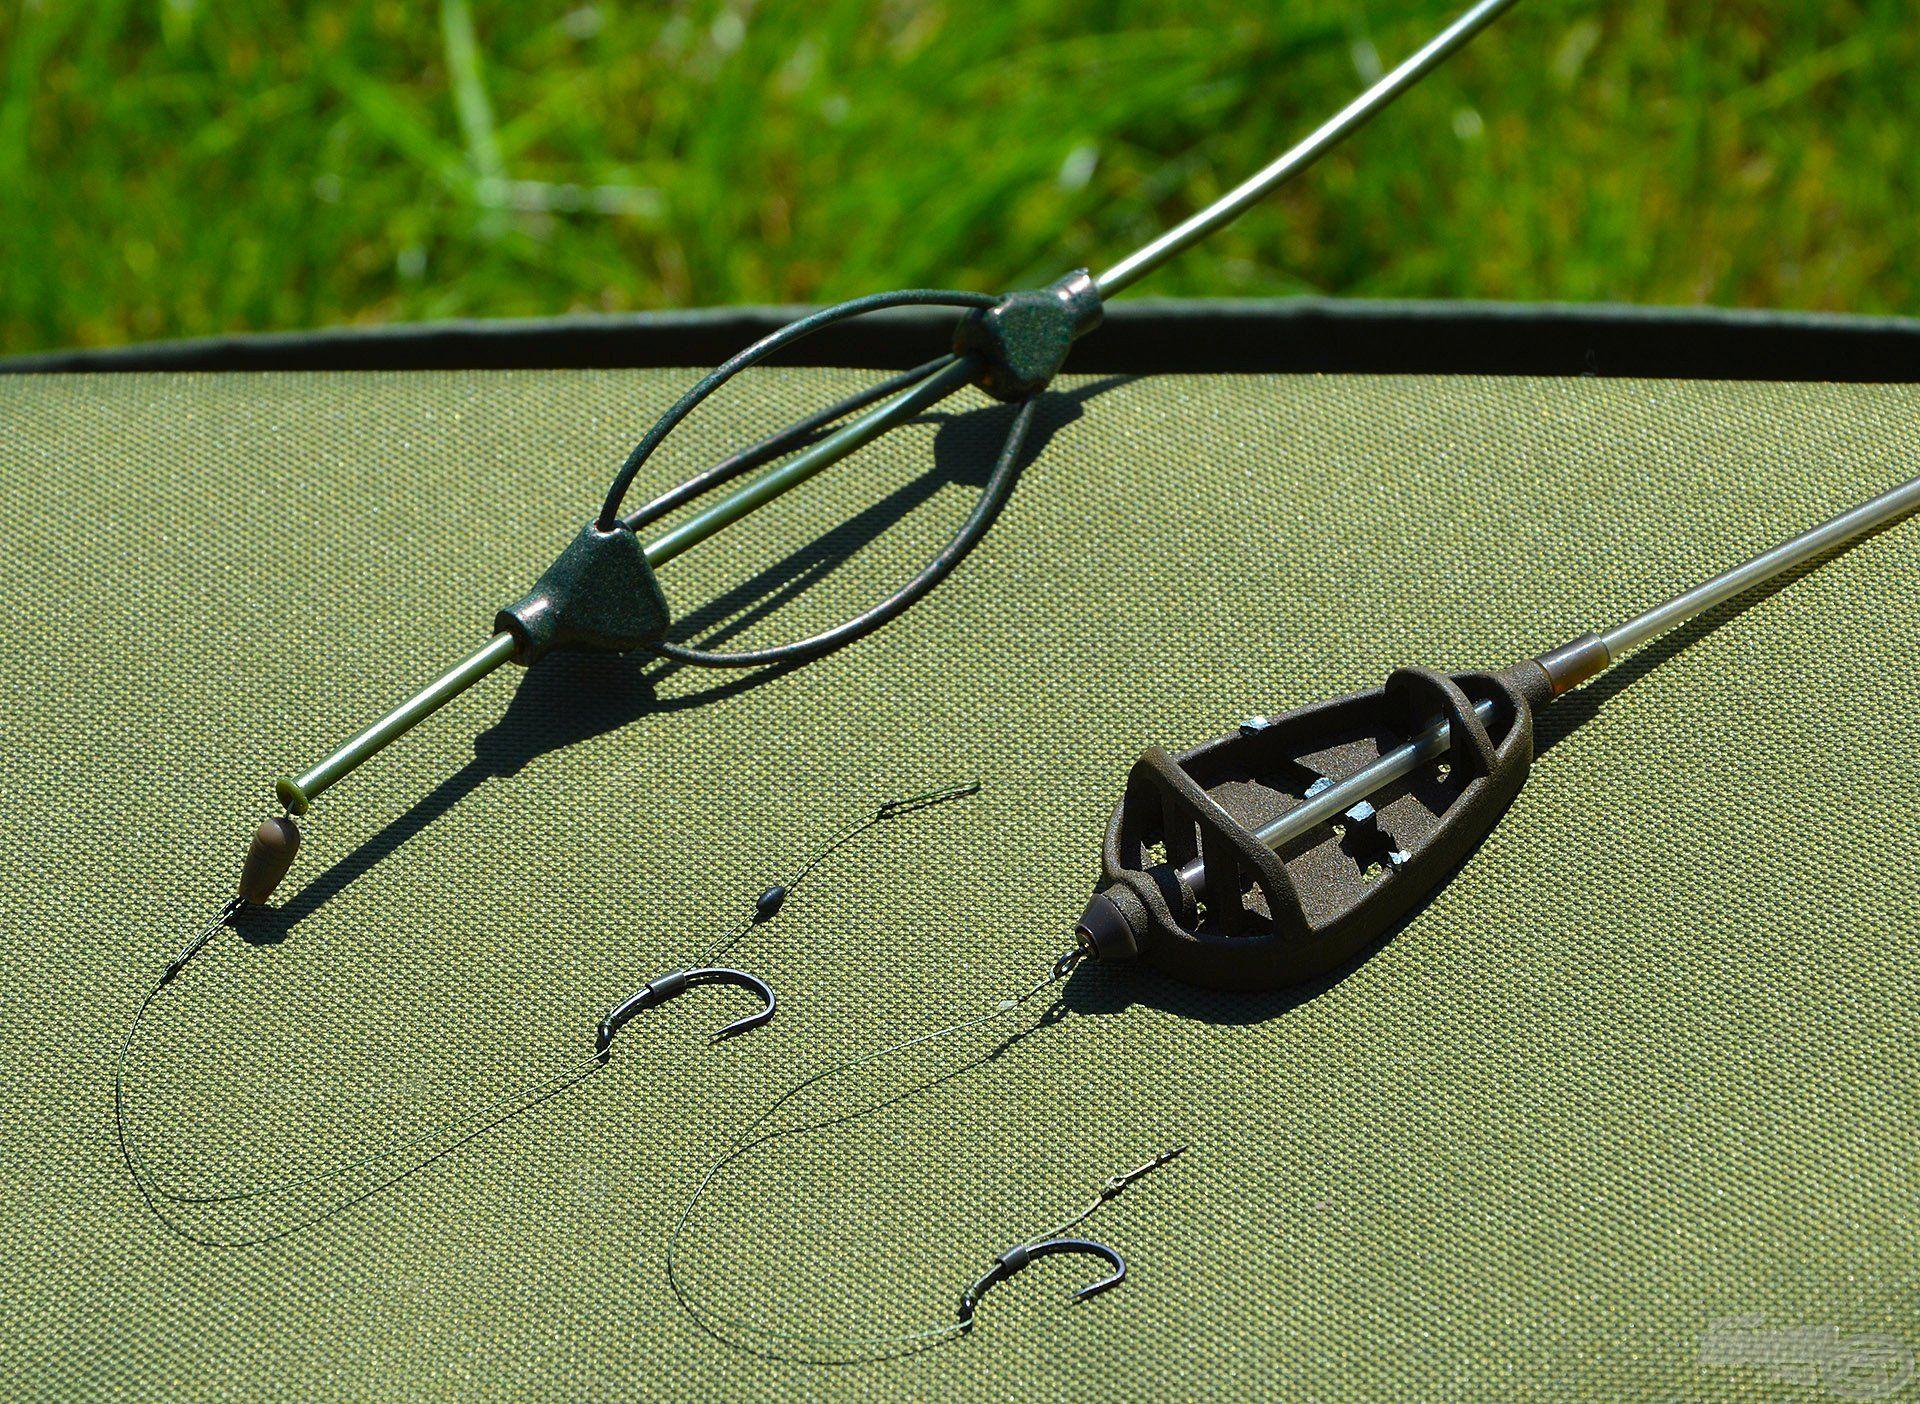 Két különböző végszereléket állítottunk össze, Sipi a Long Cast Method Feederes technikát választotta, én pedig Pellet Feeder kosárral horgásztam